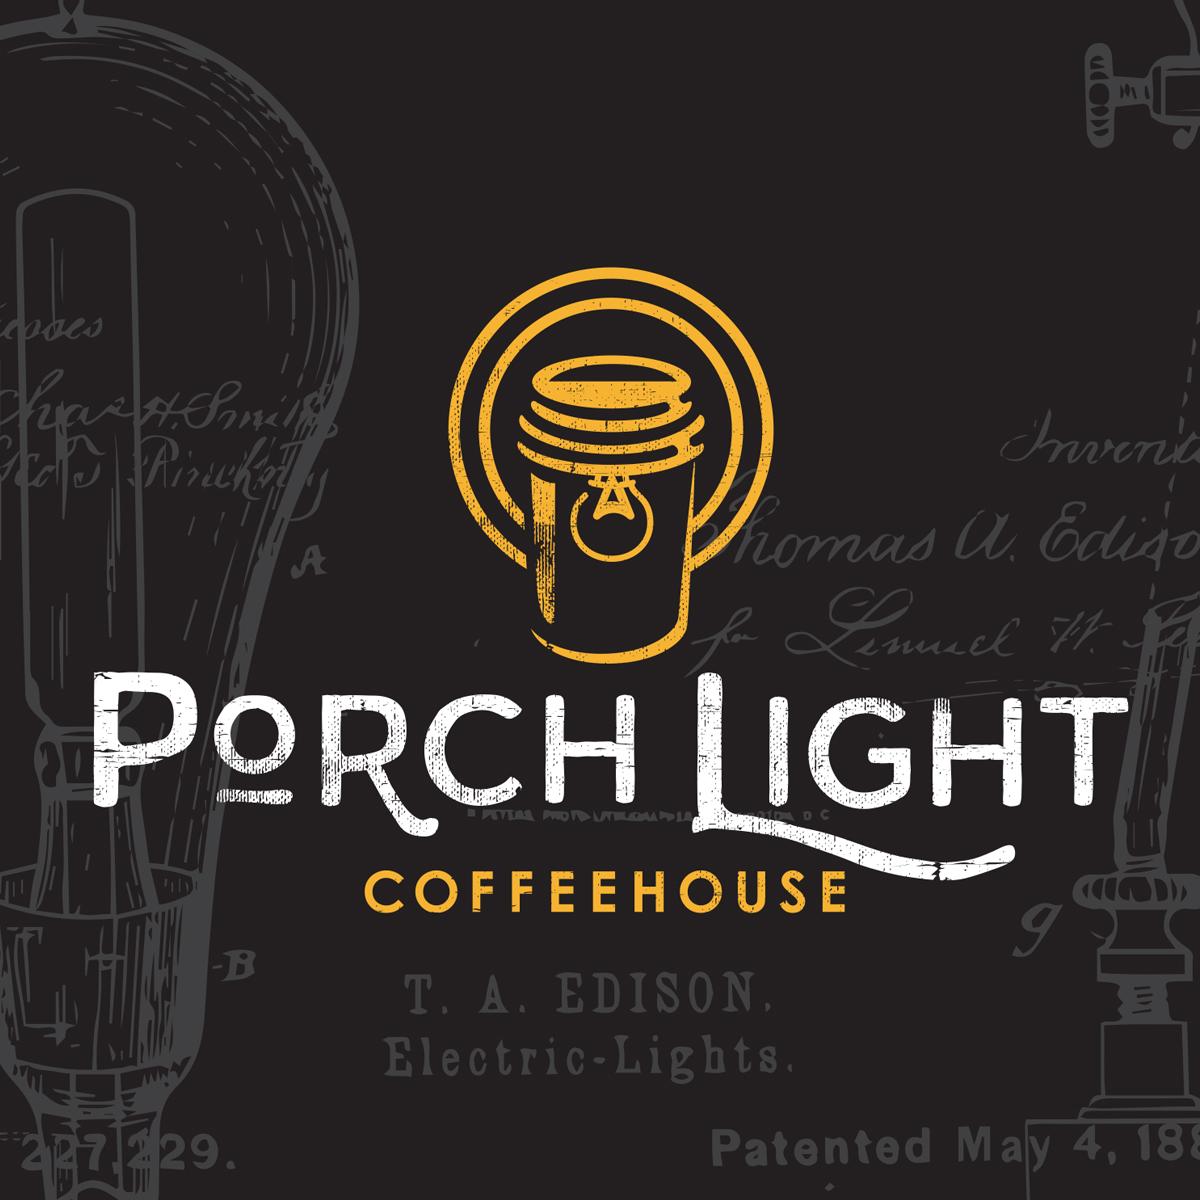 Spotlight_PorchLight1